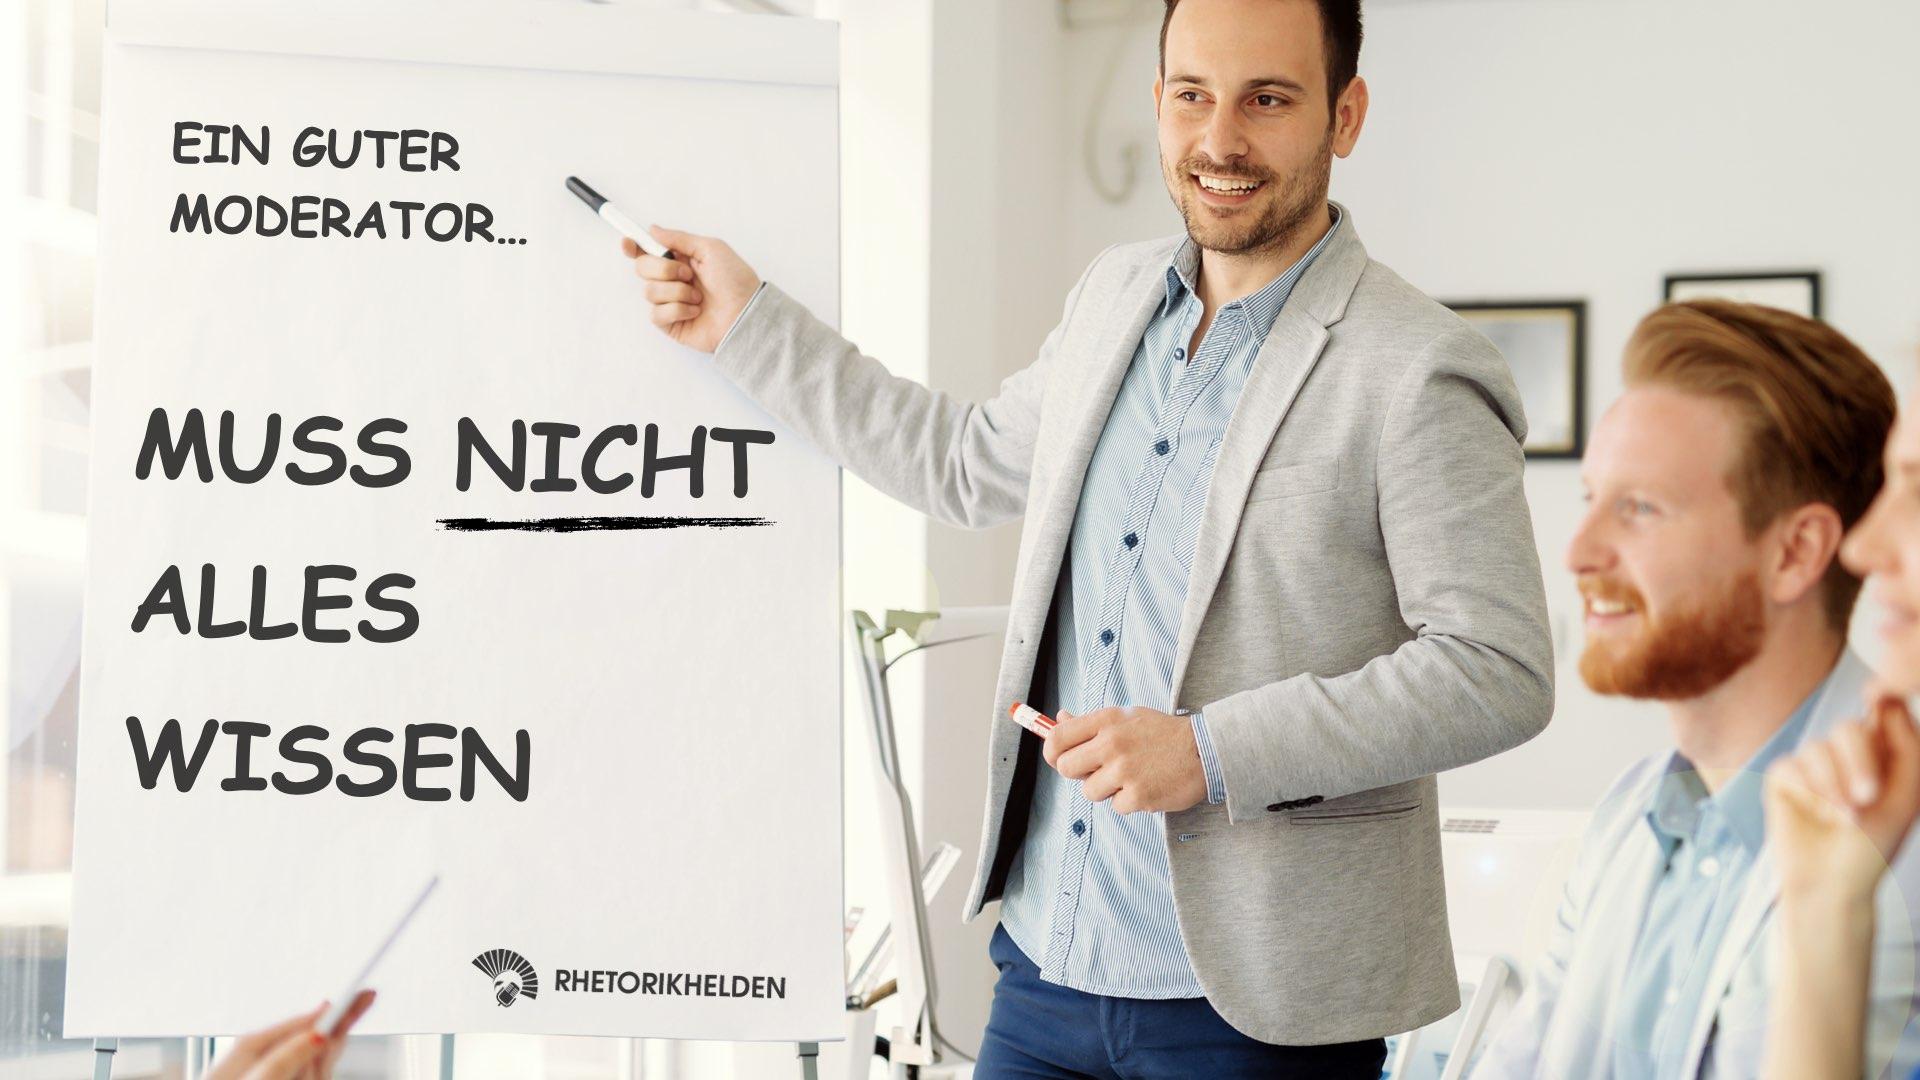 Moderation-rhetorikhelden-new-work-coach